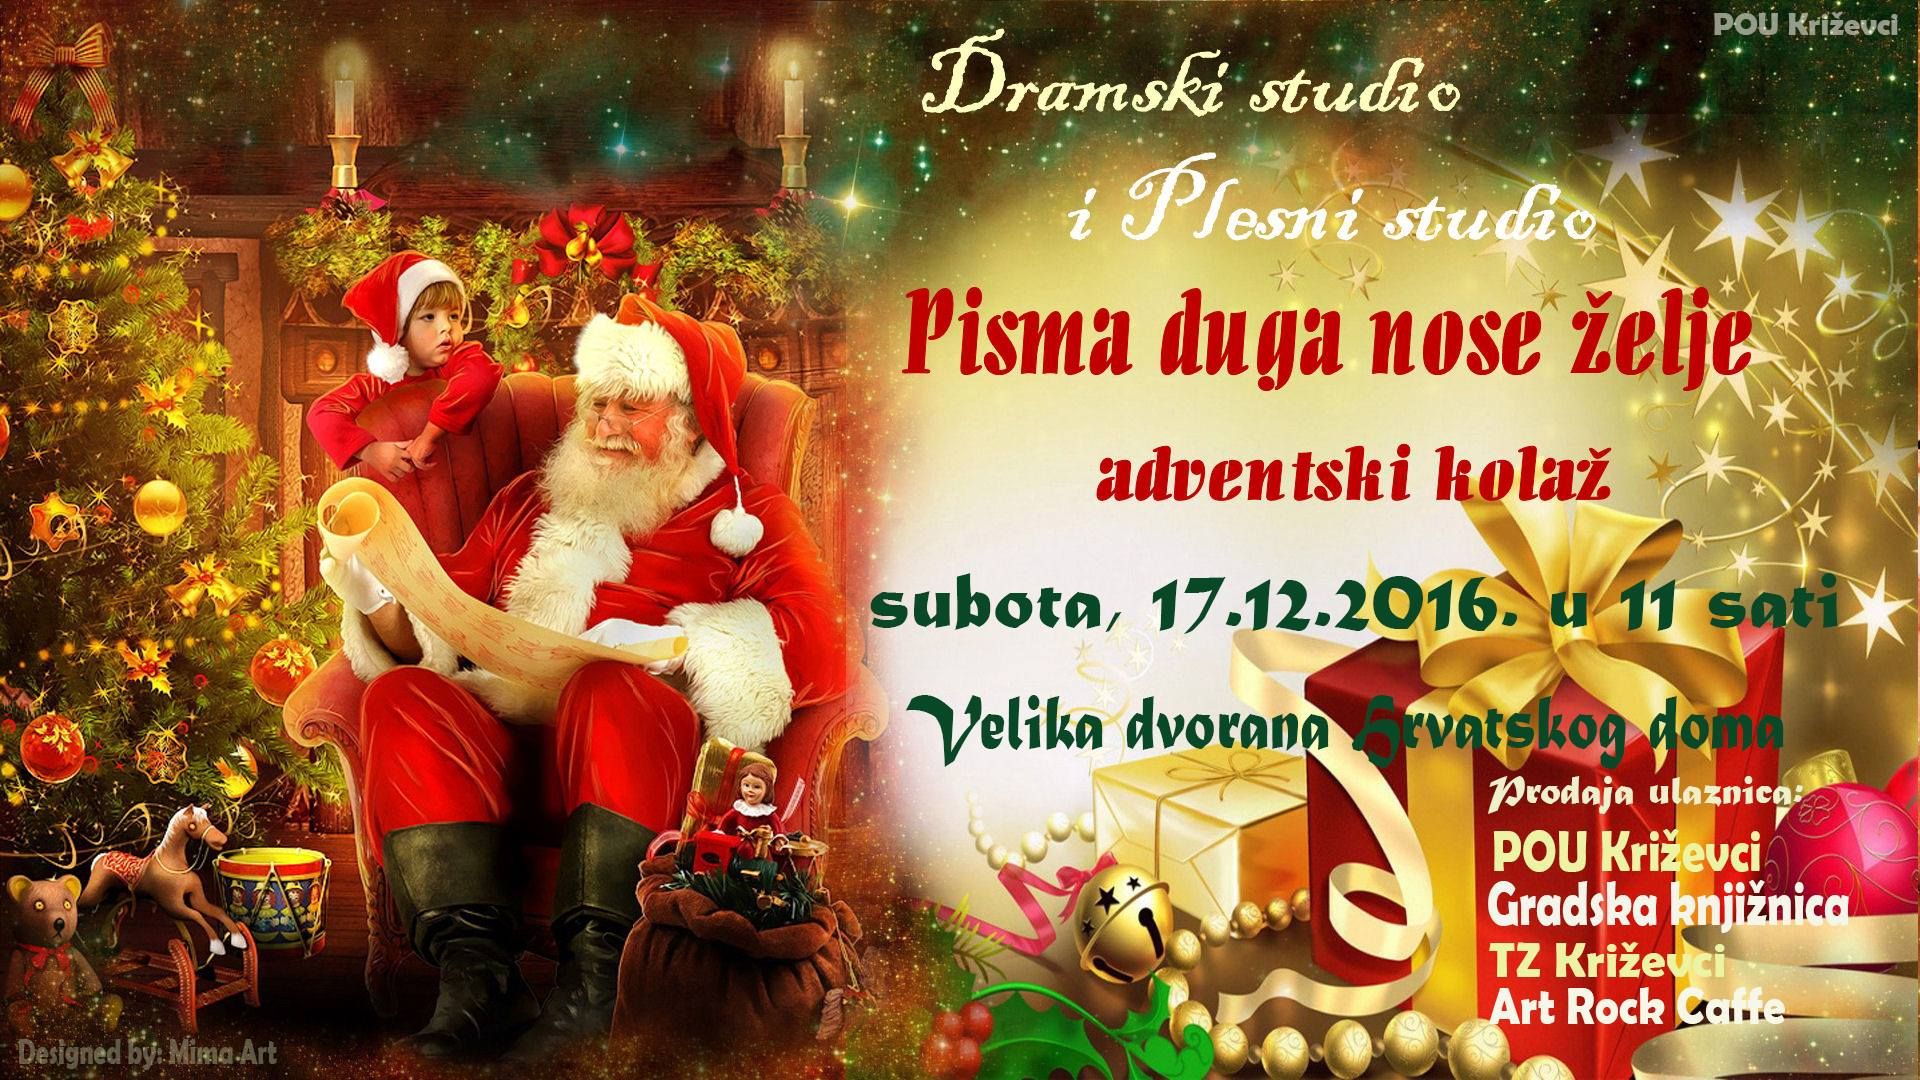 dramski-studio-pisma-duga-zelje-nose